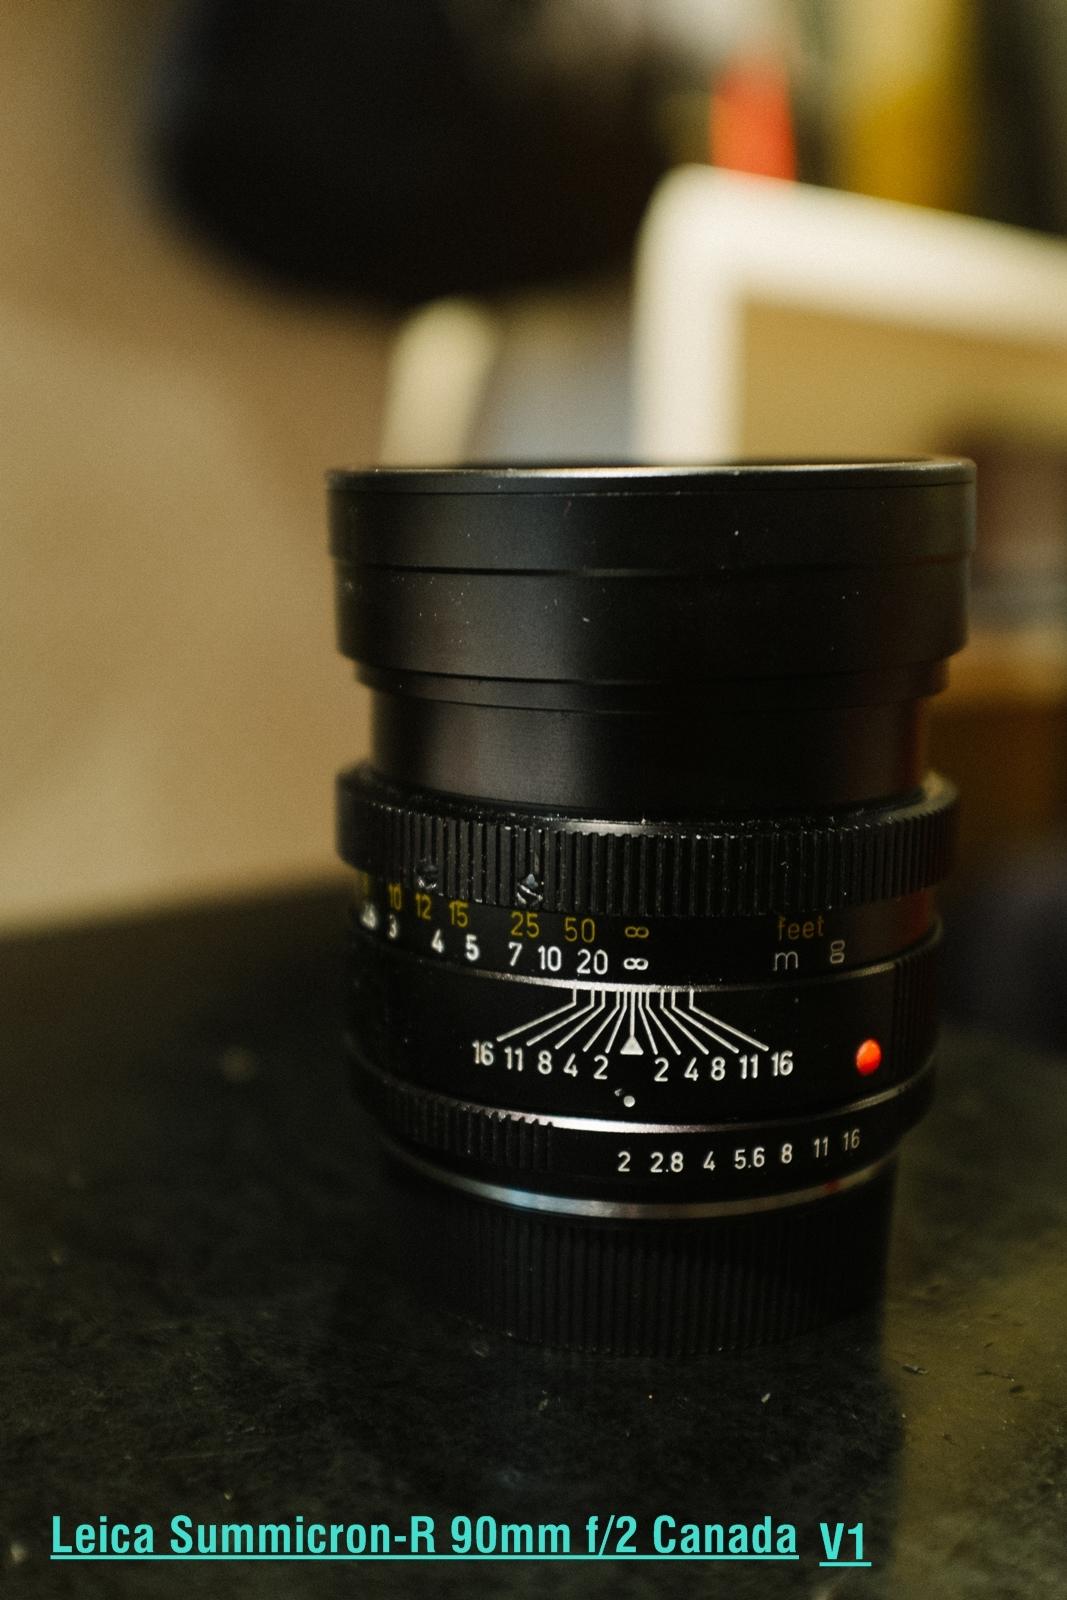 Leica Summicron-R 90mm F/2 Canada V1